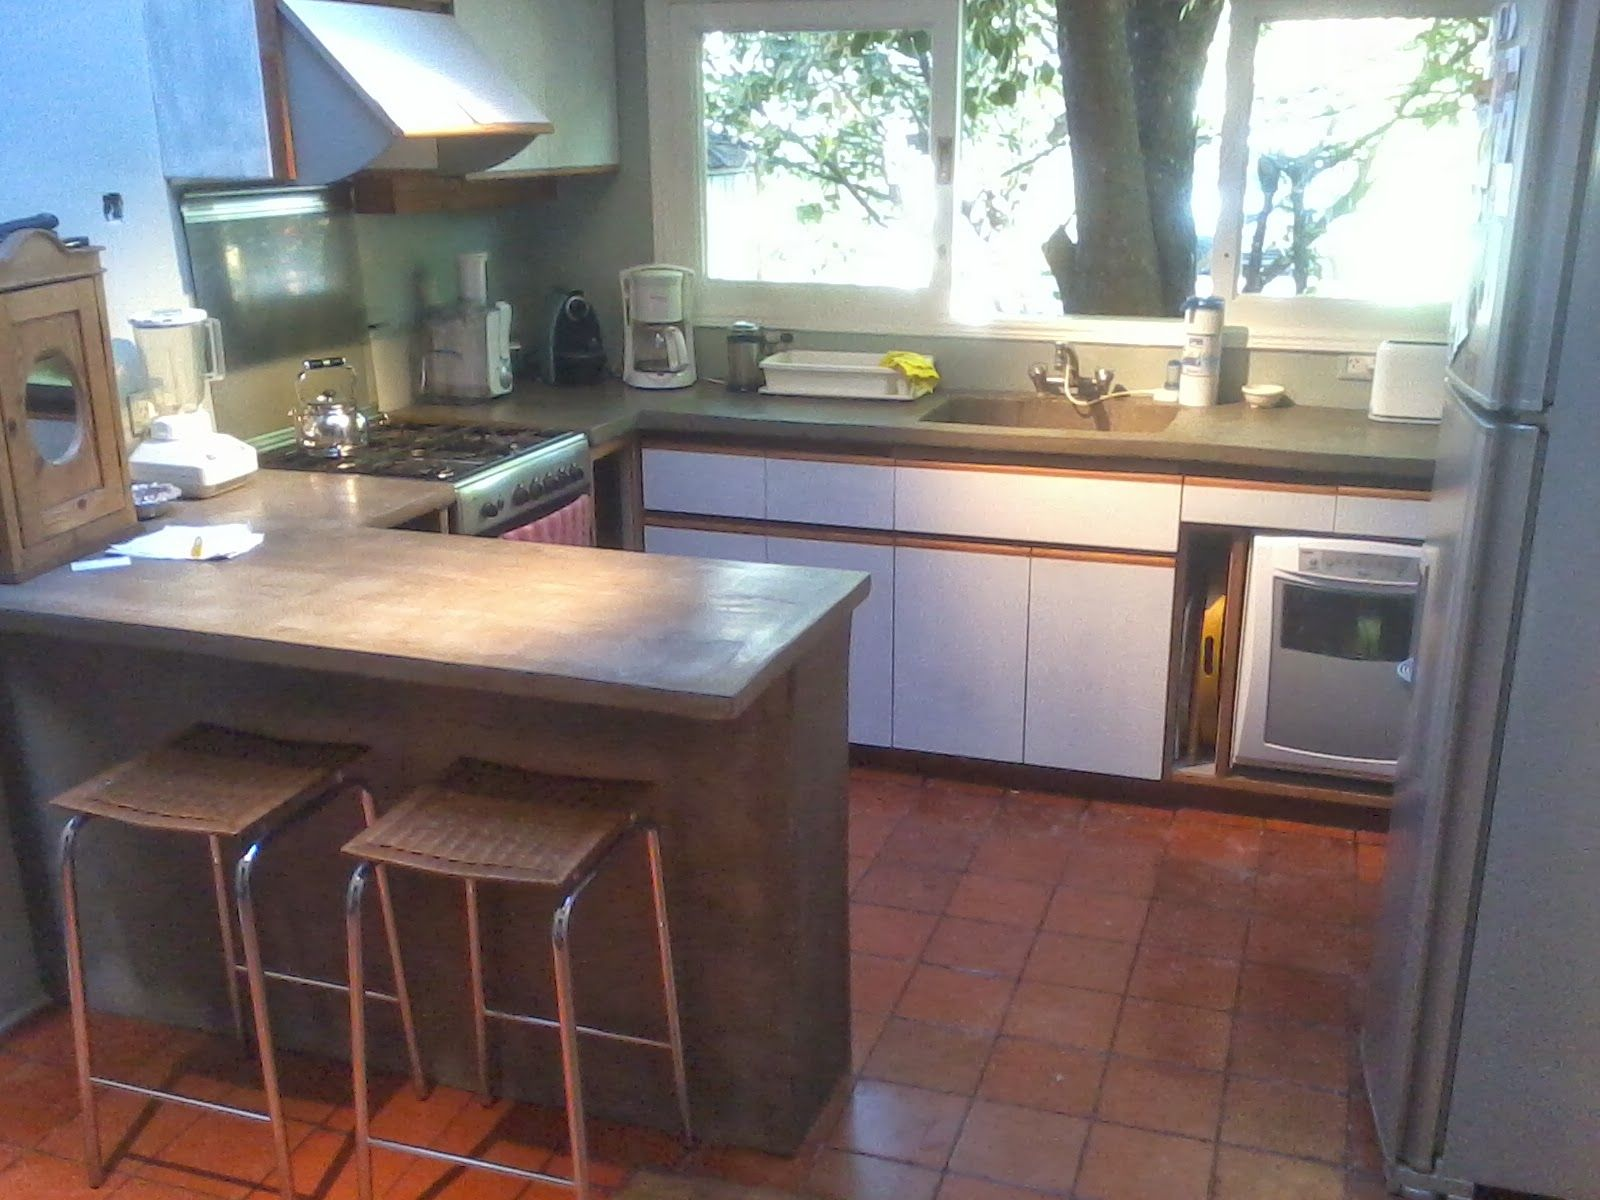 Muebles de cocina barra mesada cemento 1600 for Hipo muebles